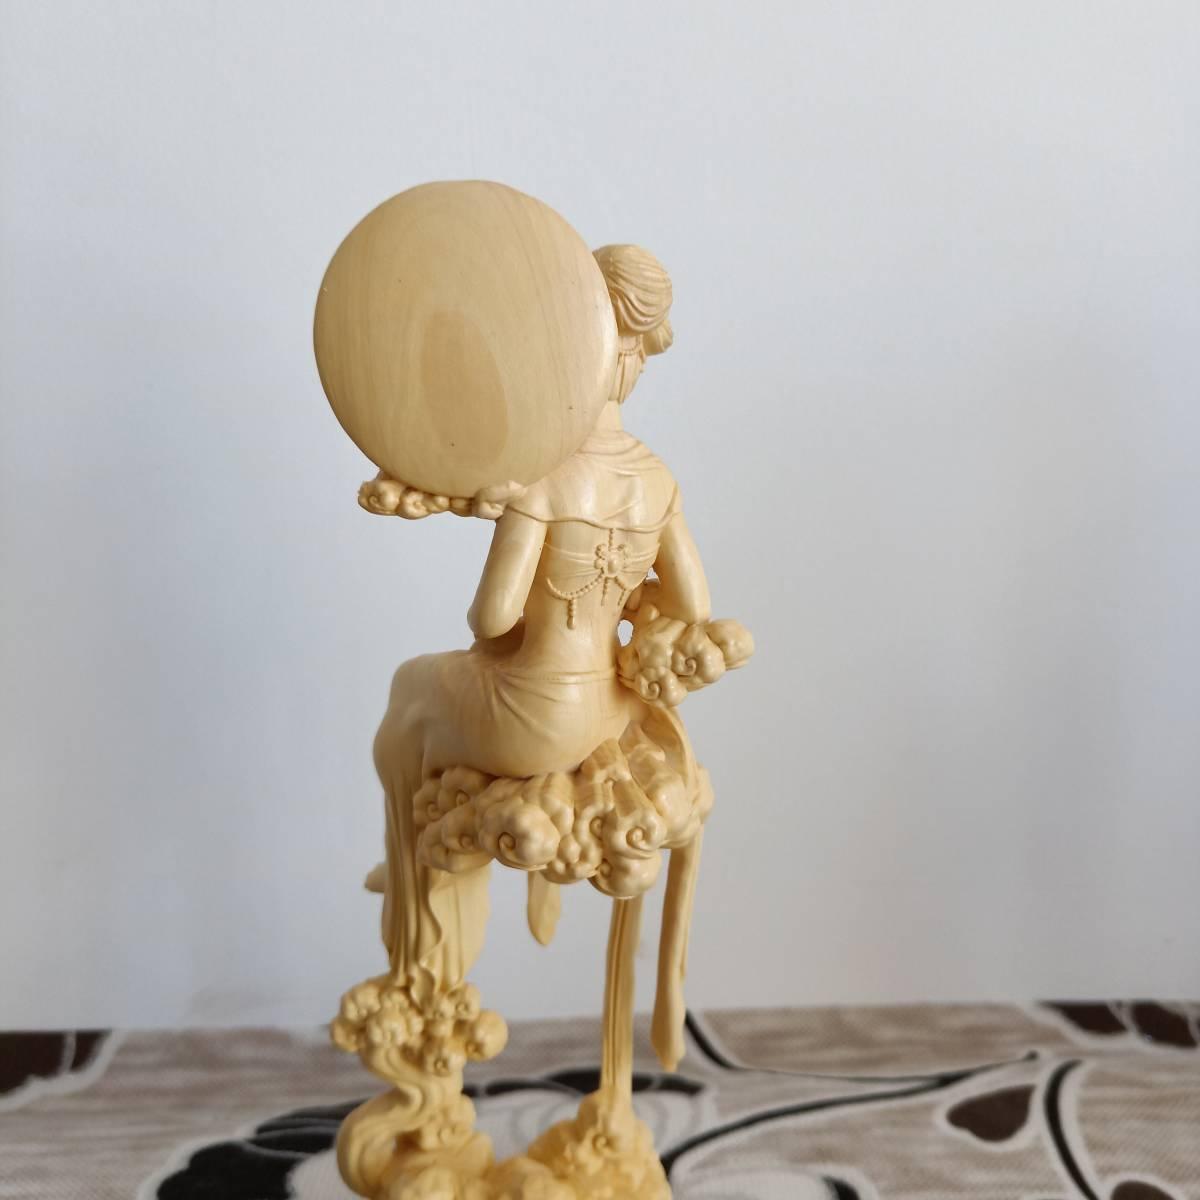 柘植木透かし彫り細工弁財天像【技芸上達】美女像インテリア仏像置物オブジェ根付実写版彫刻像人形コミックアニメグッズキャラクター2